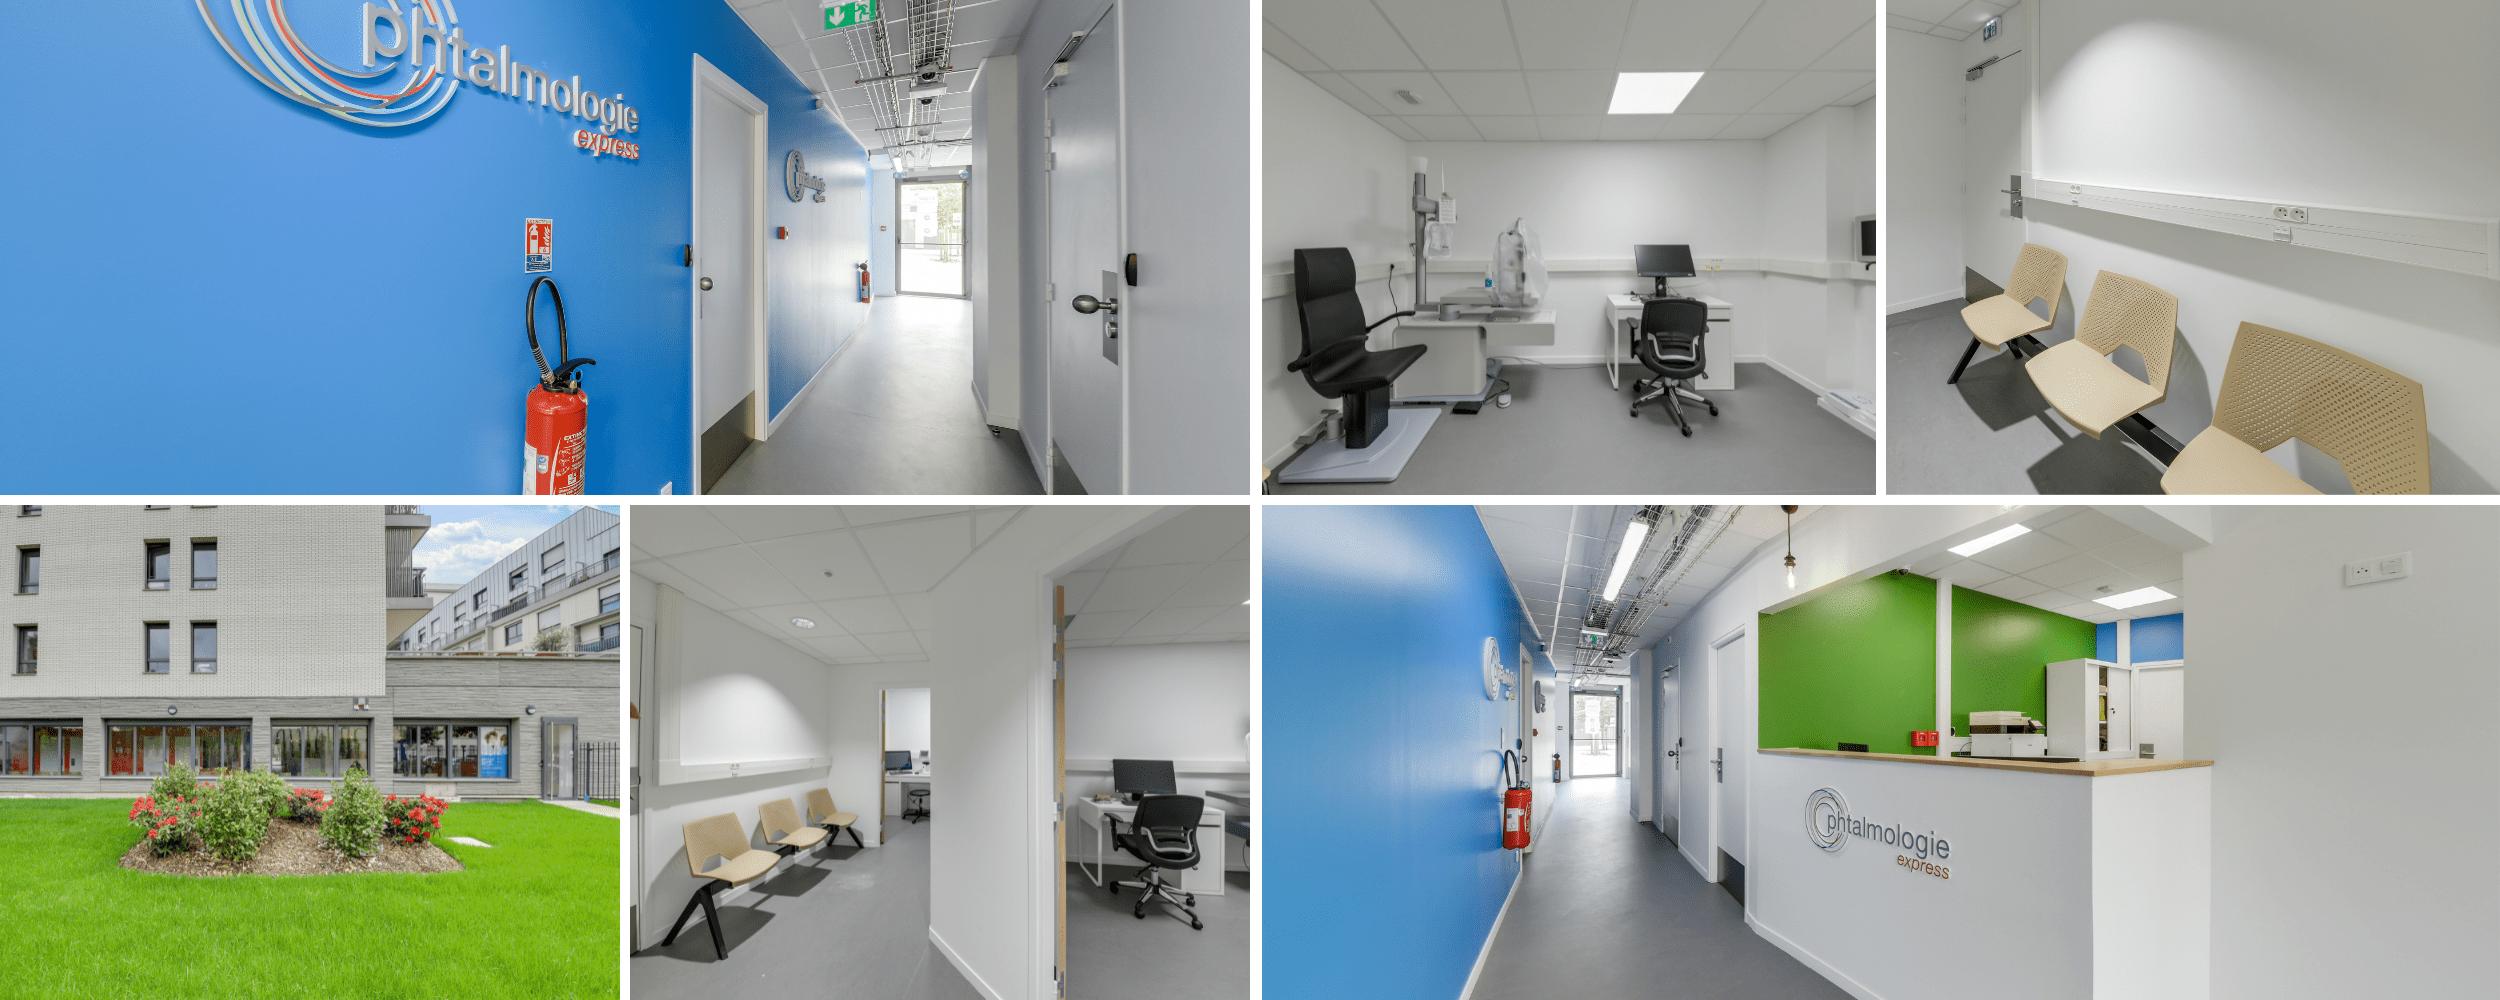 Centre Ophtalmologique d'Ivry-sur-Seine